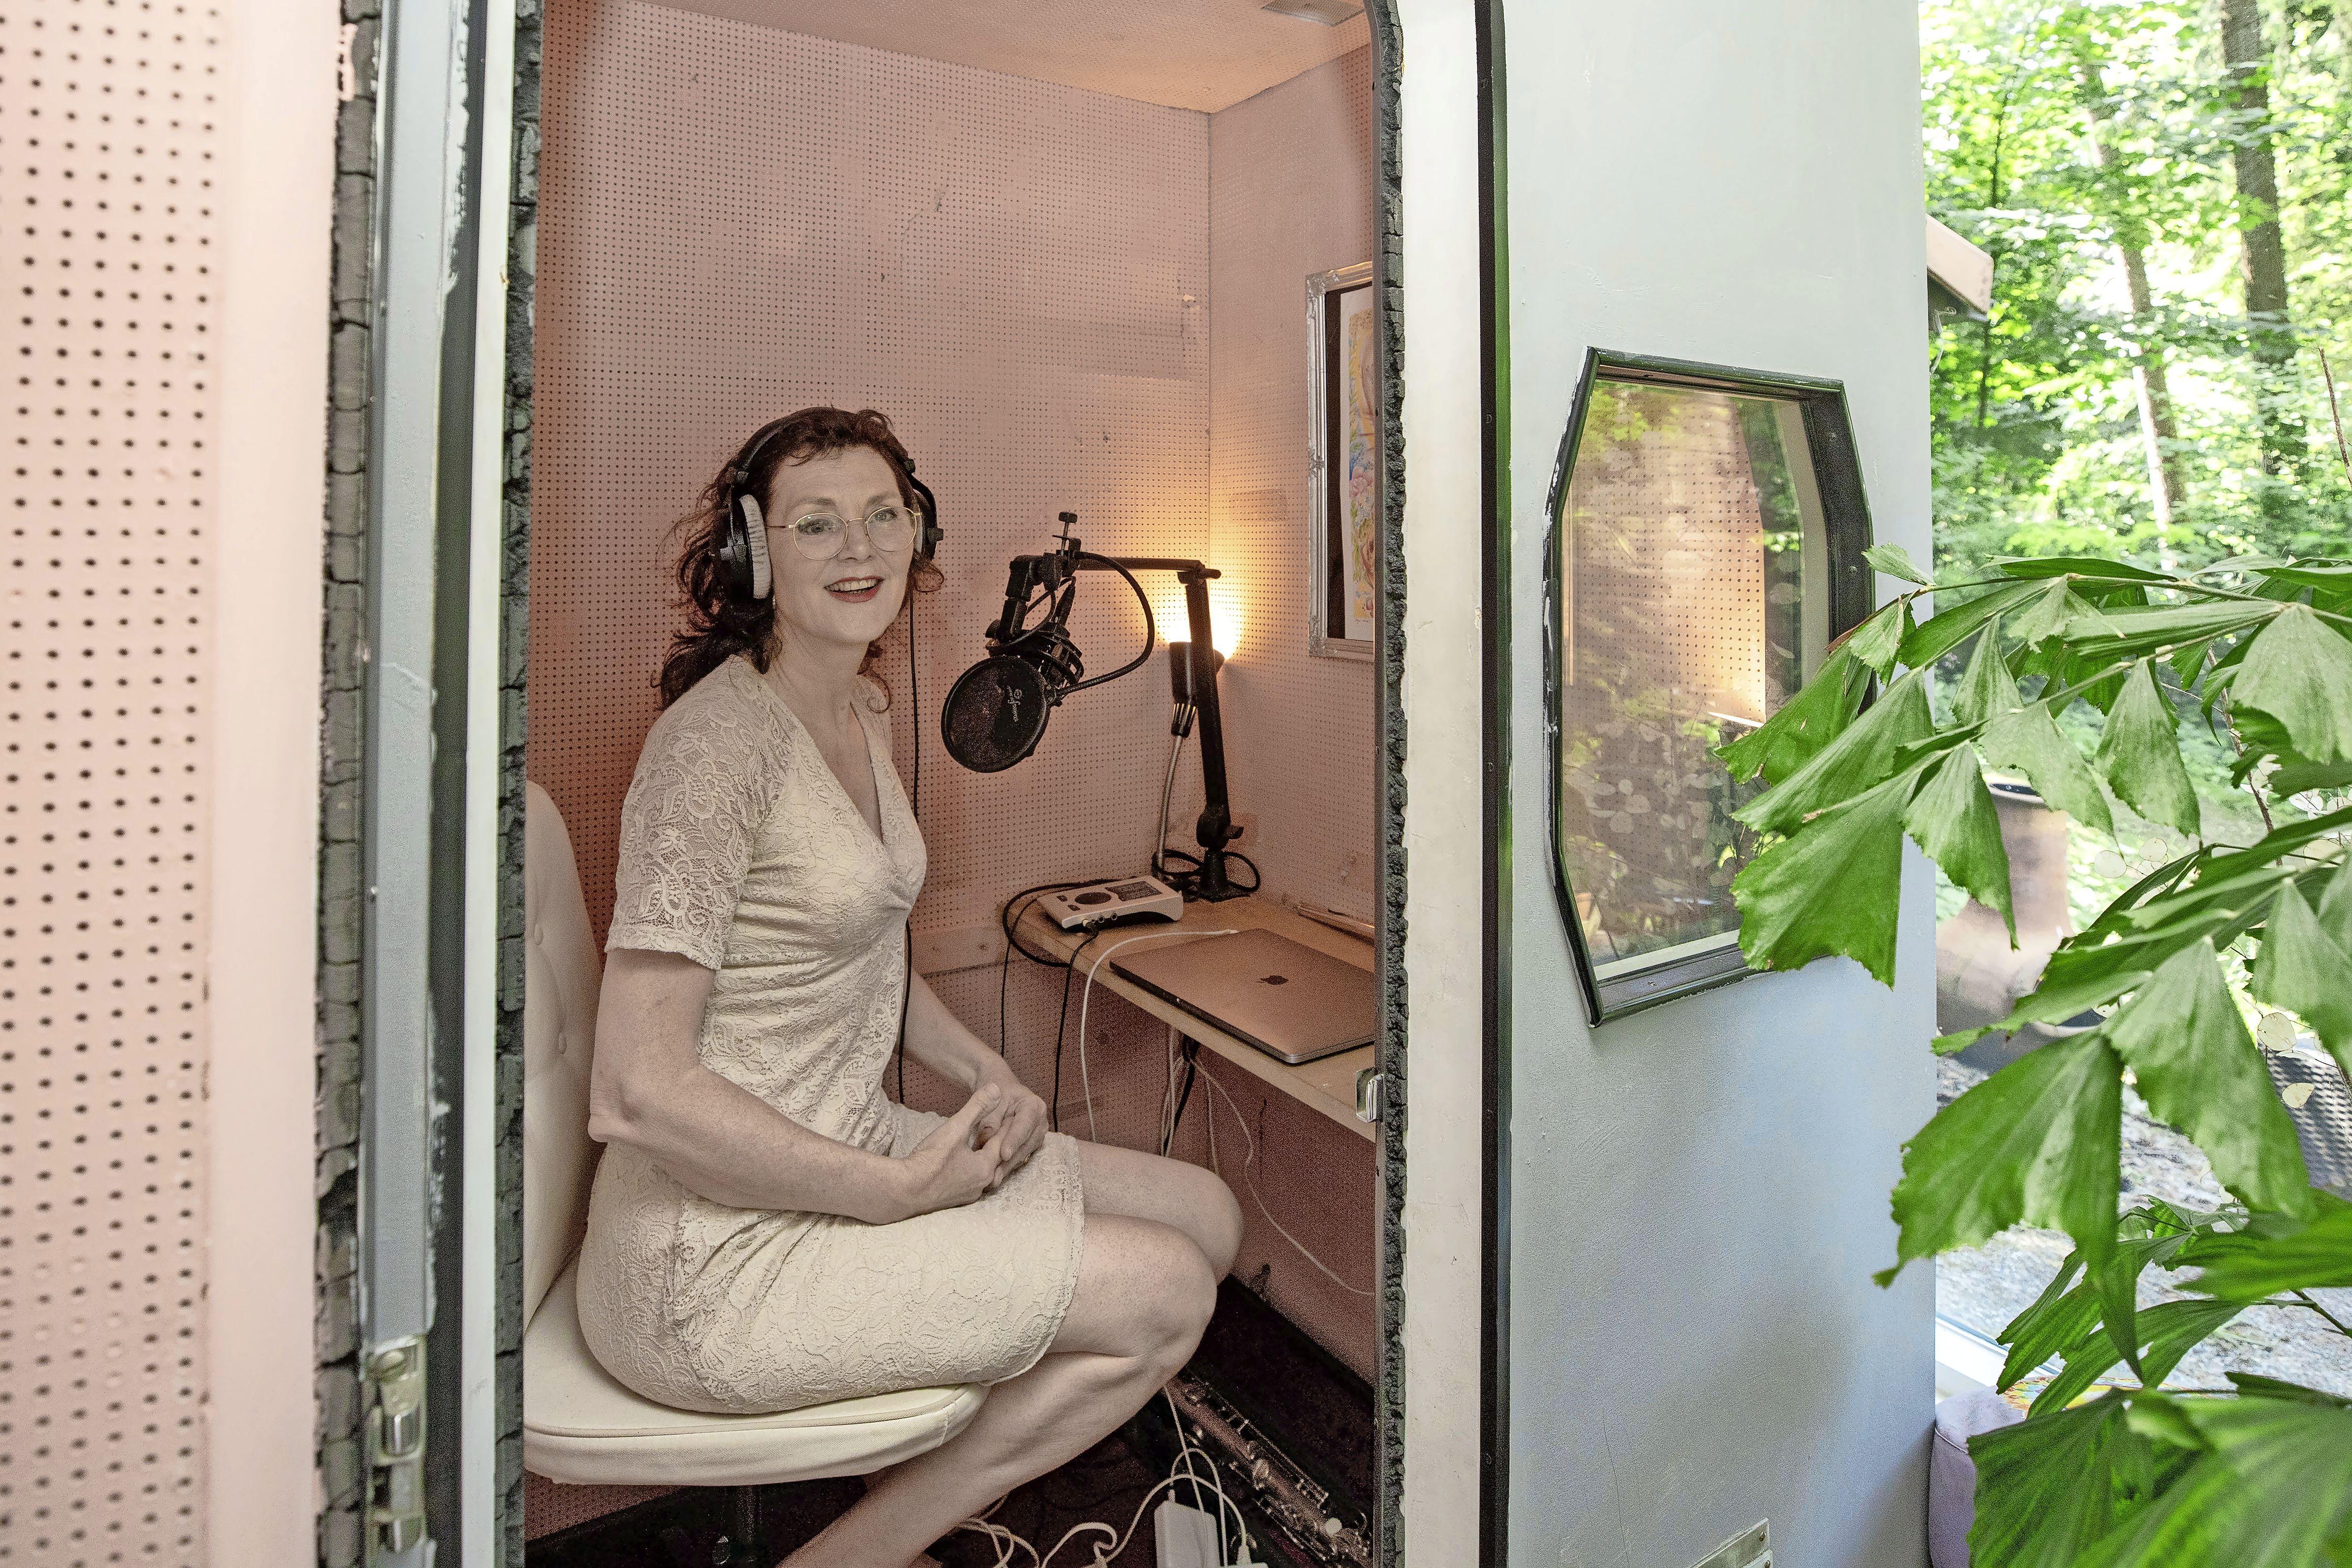 Tuffie Vos was een kwart eeuw de mevrouw die vertelde dat de trein weer eens vertraging had. Ze deed het beschaafd en liefdevol: 'Je bent tenslotte de brenger van een onaangename boodschap'